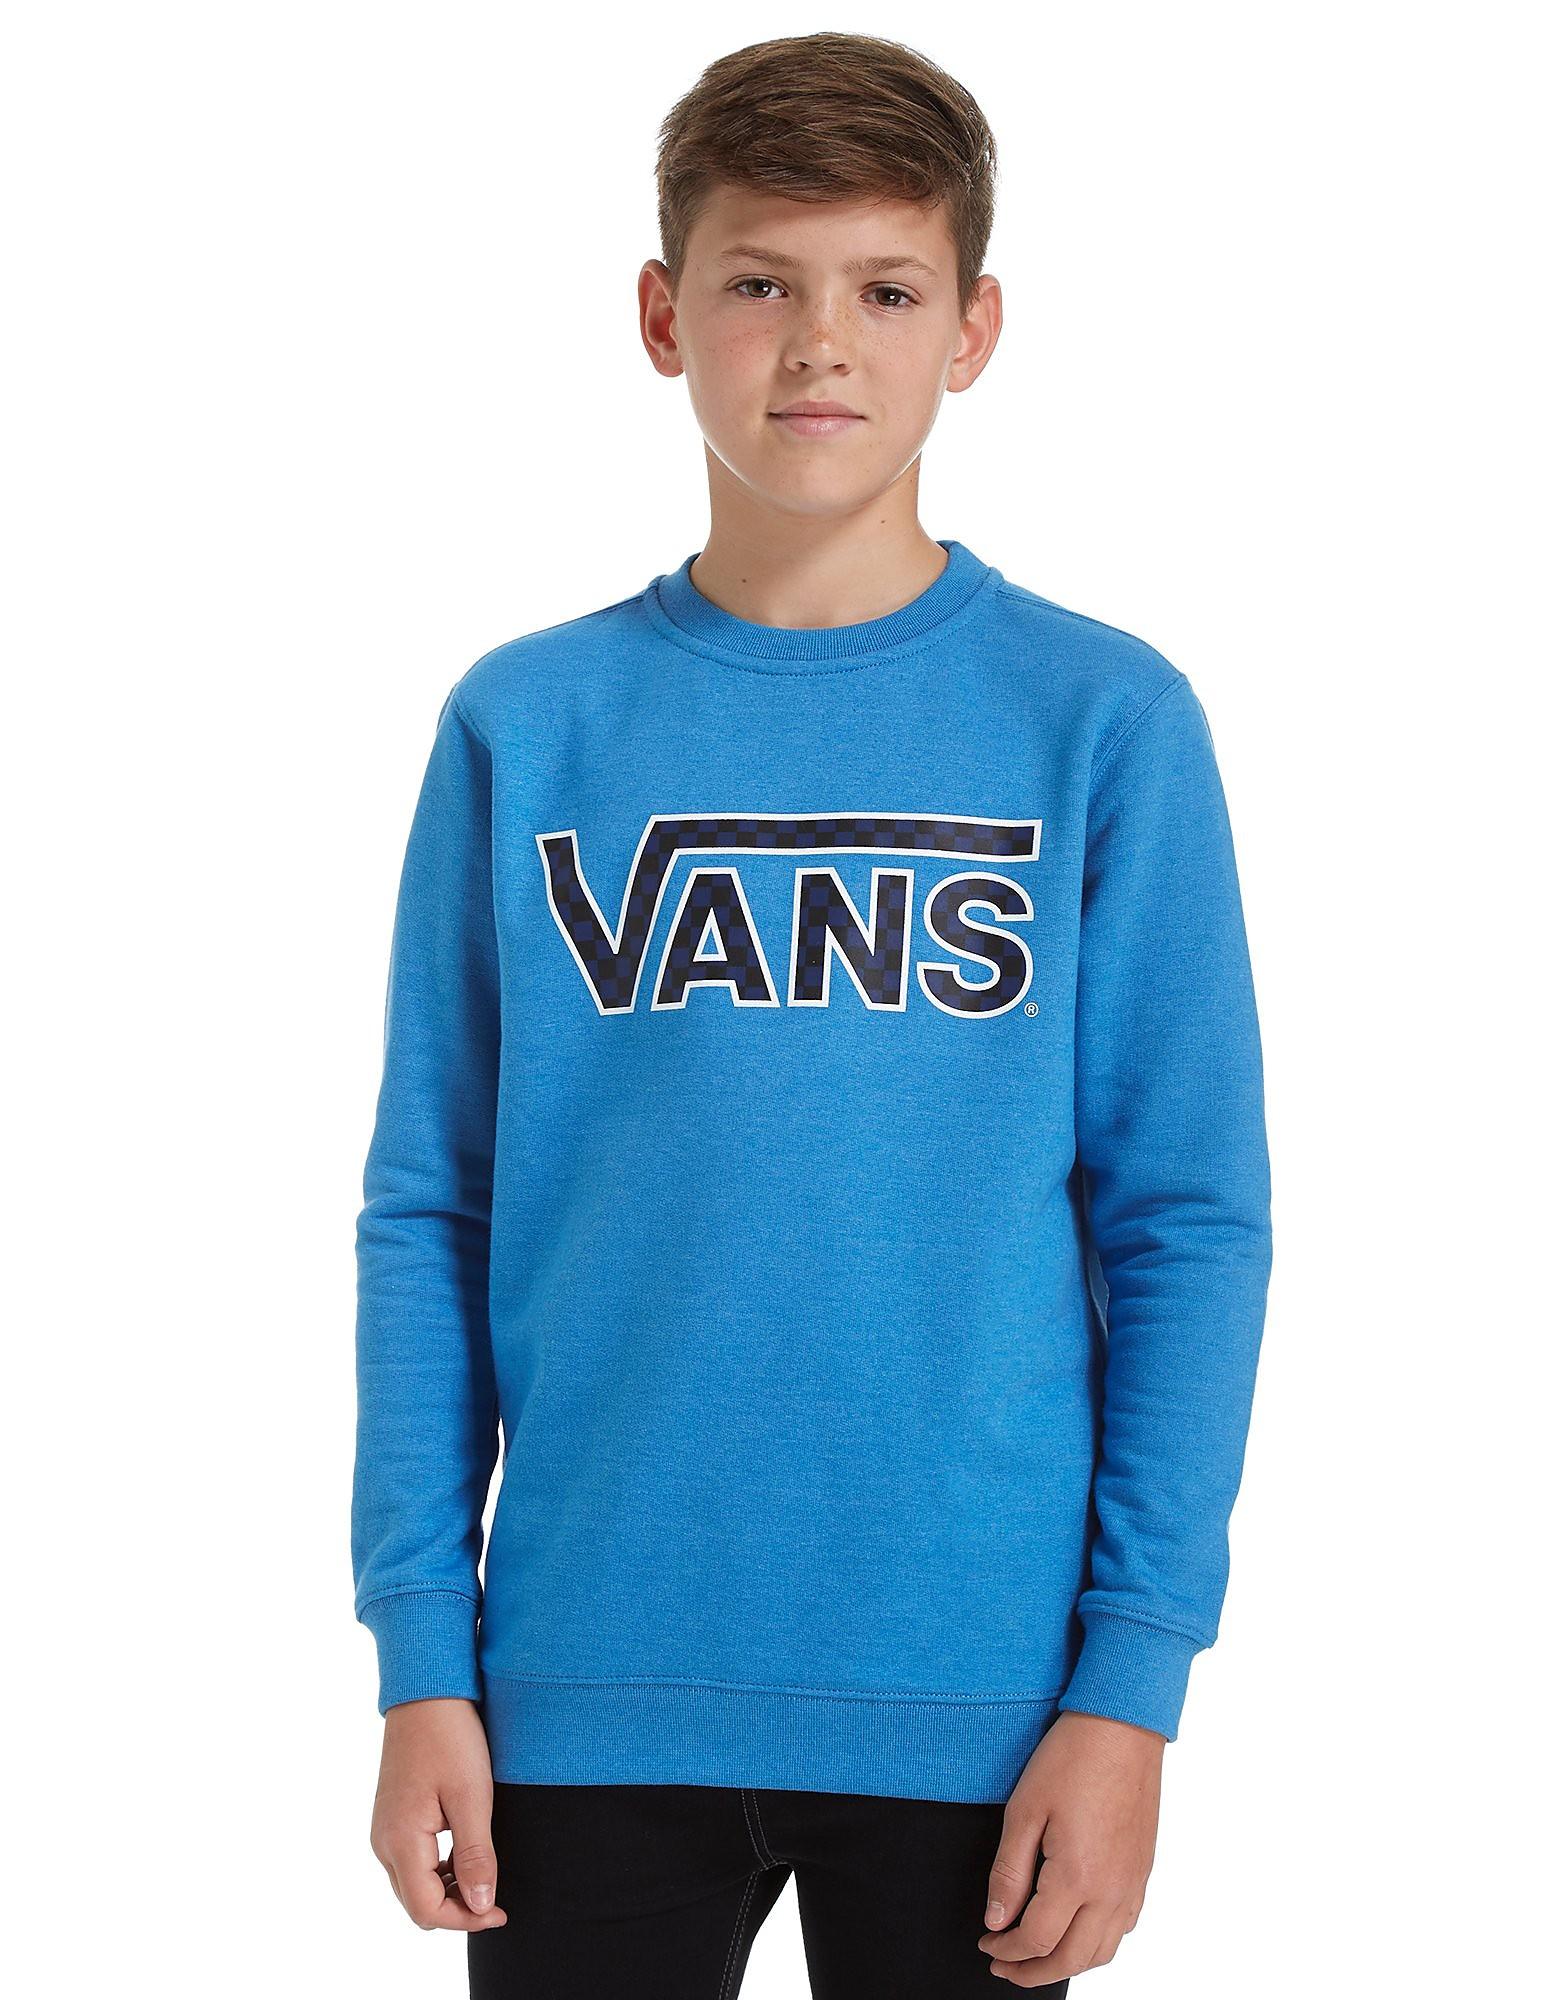 Vans Classic Checked Crew Sweatshirt